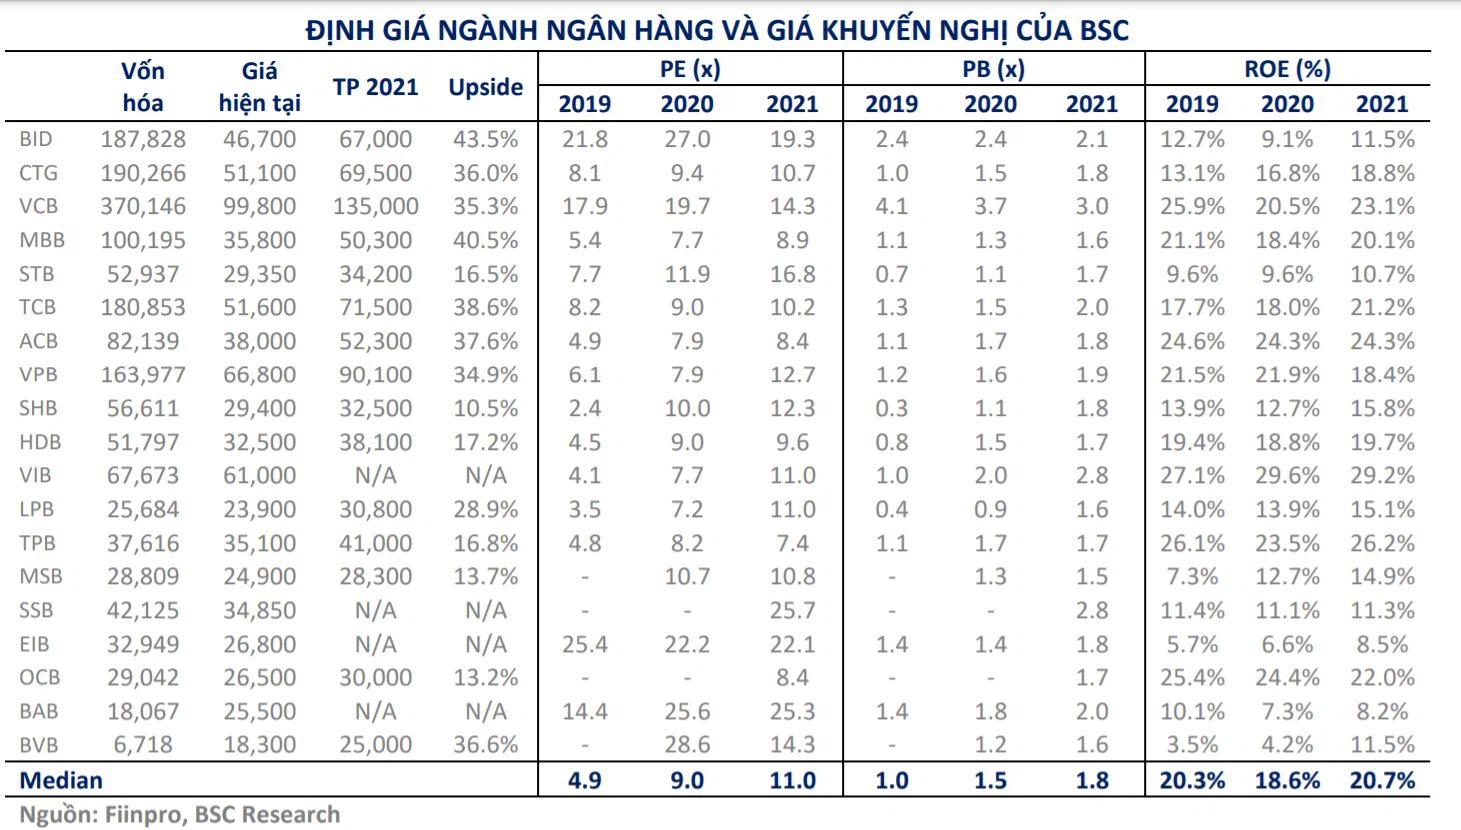 Giữa cơn sốt giá: Cổ phiếu ngân hàng định giá cao nhất 135.000 đồng/cp, xuất hiện thêm mục tiêu 90.100 đồng/cp - Ảnh 3.